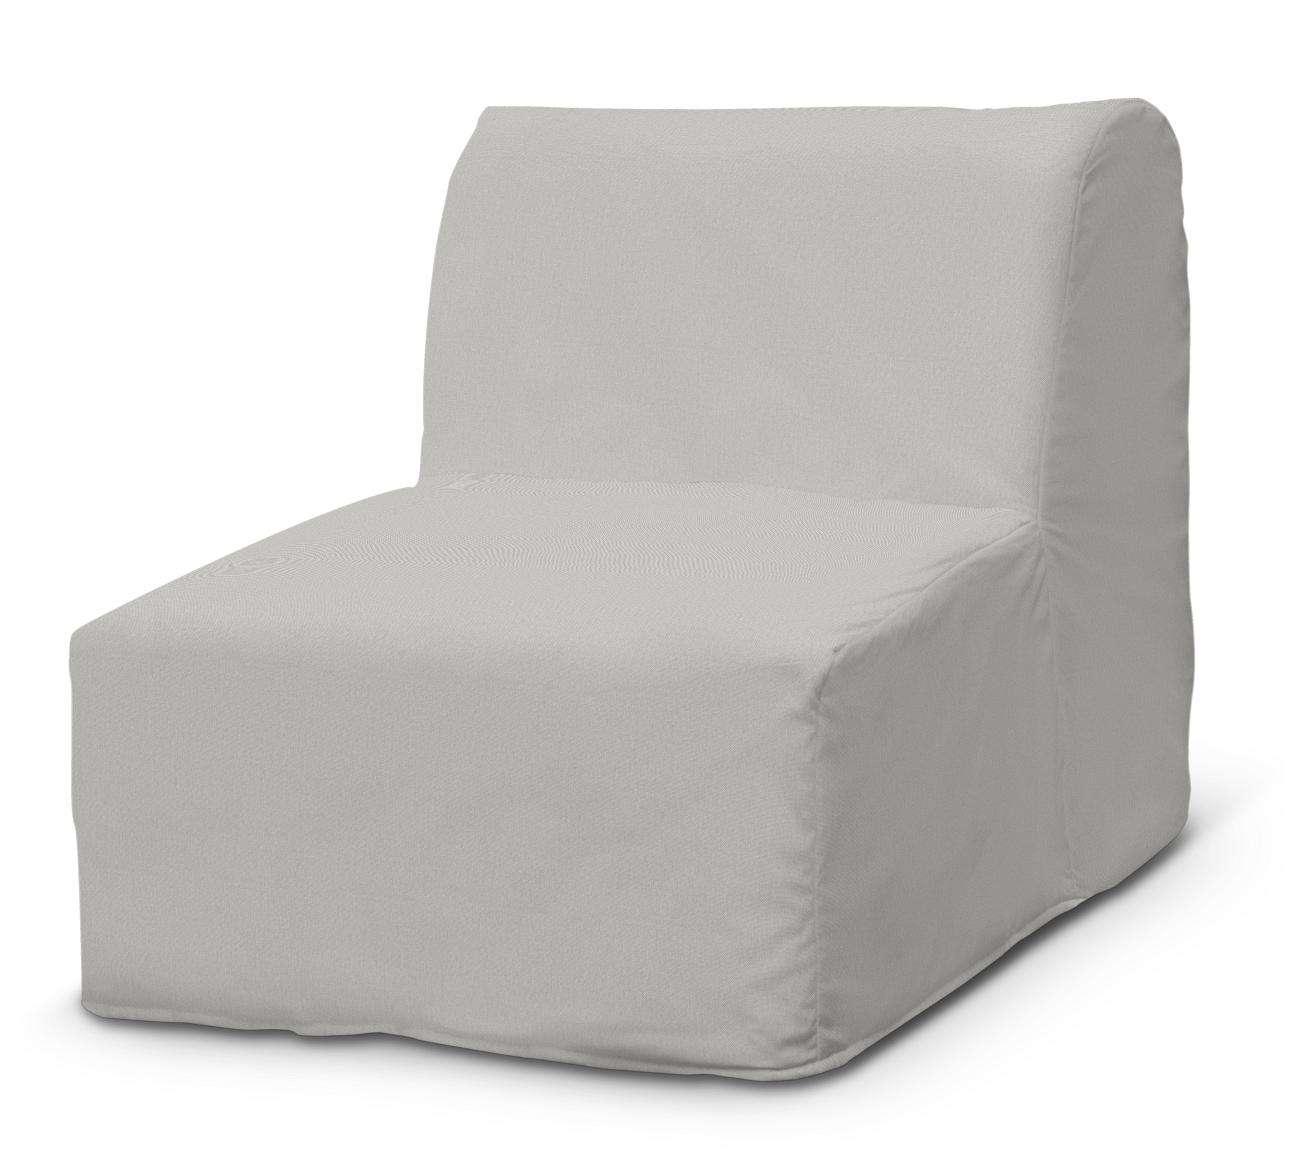 Lycksele Sesselbezug fotel Lycksele von der Kollektion Etna, Stoff: 705-90